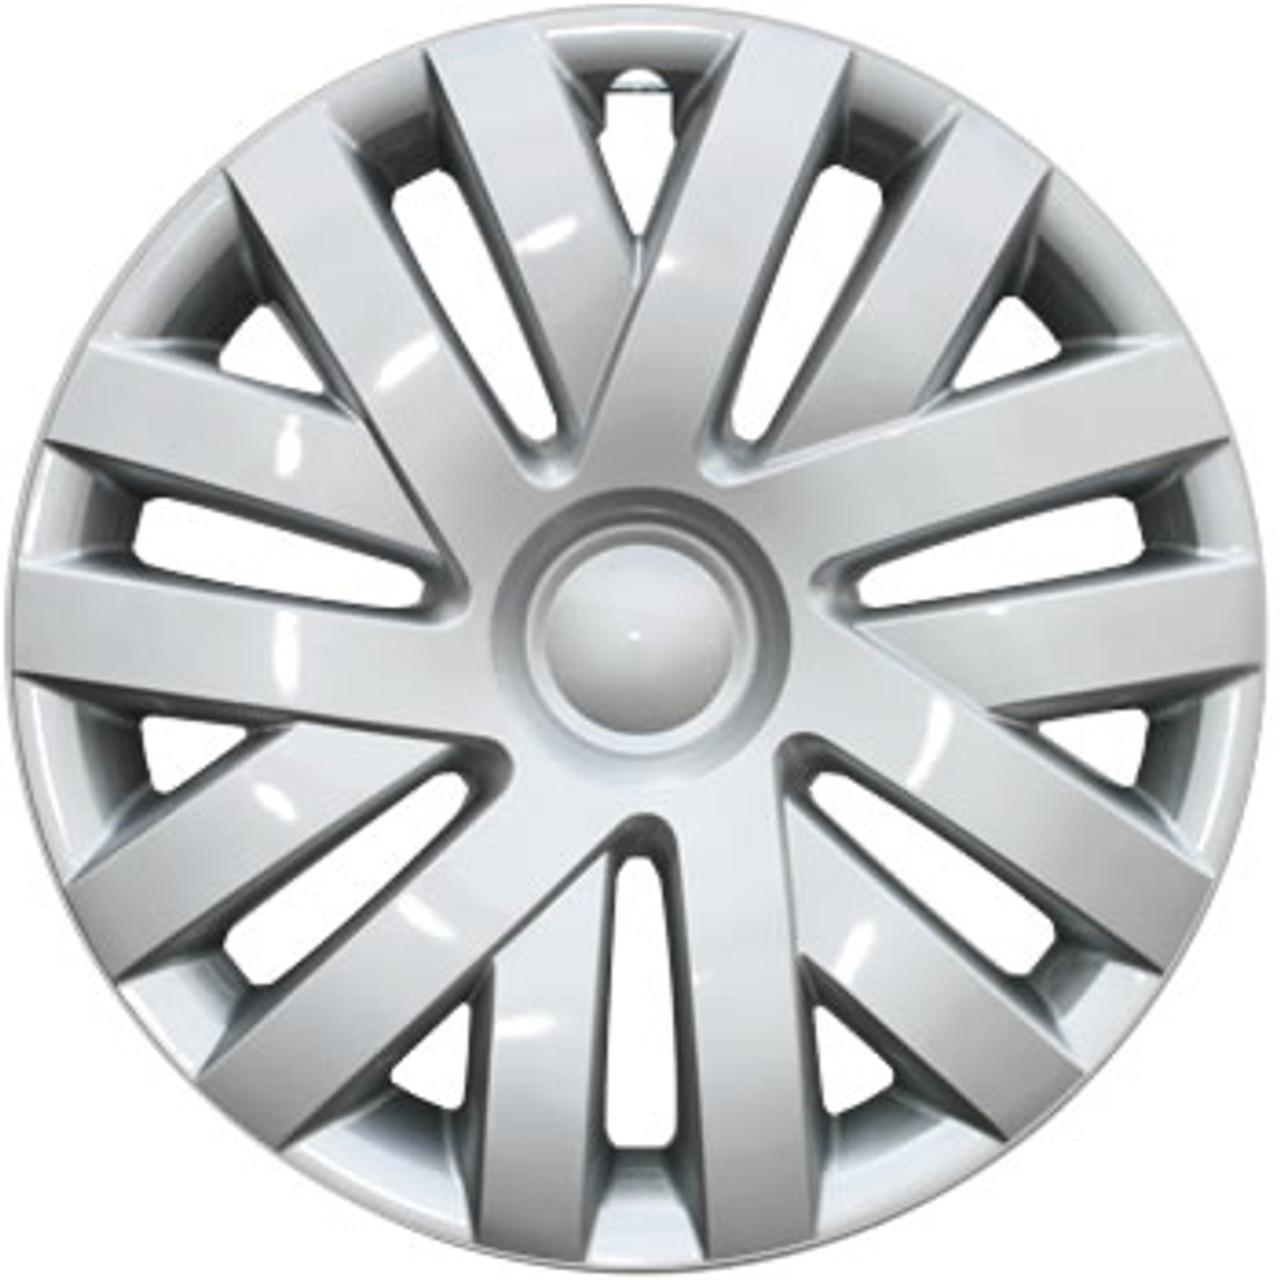 jetta hubcaps    vw volkswagen wheel covers